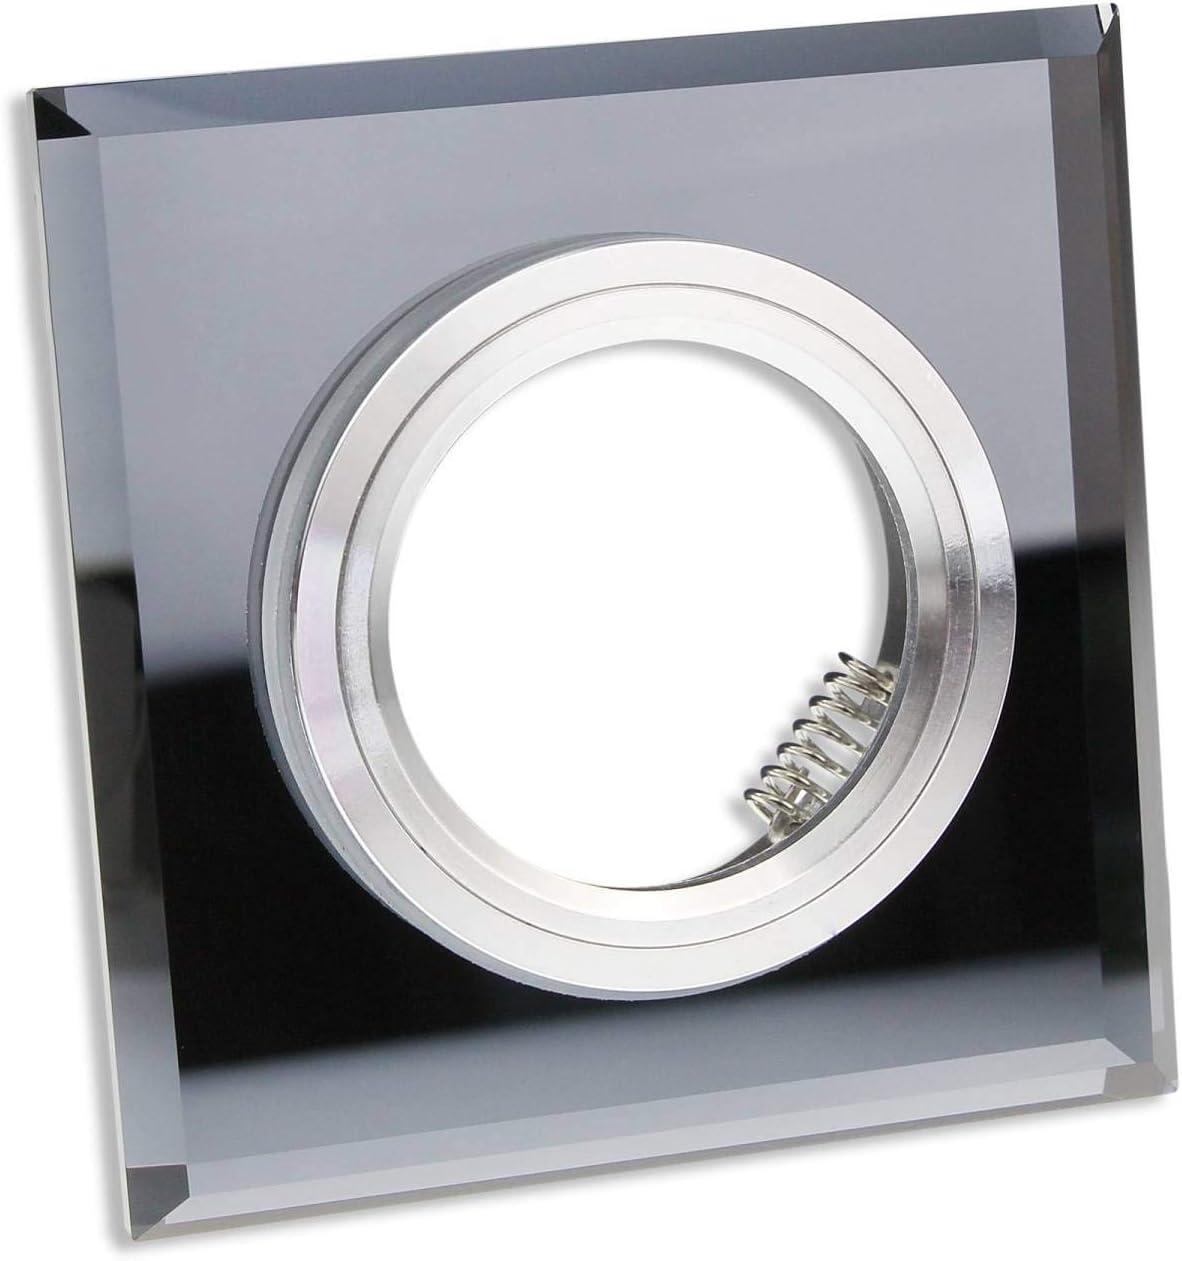 5 x LED Einbaustrahler GU10 Einbaurahmen Kristall eckig schwarz klar 12V//230V